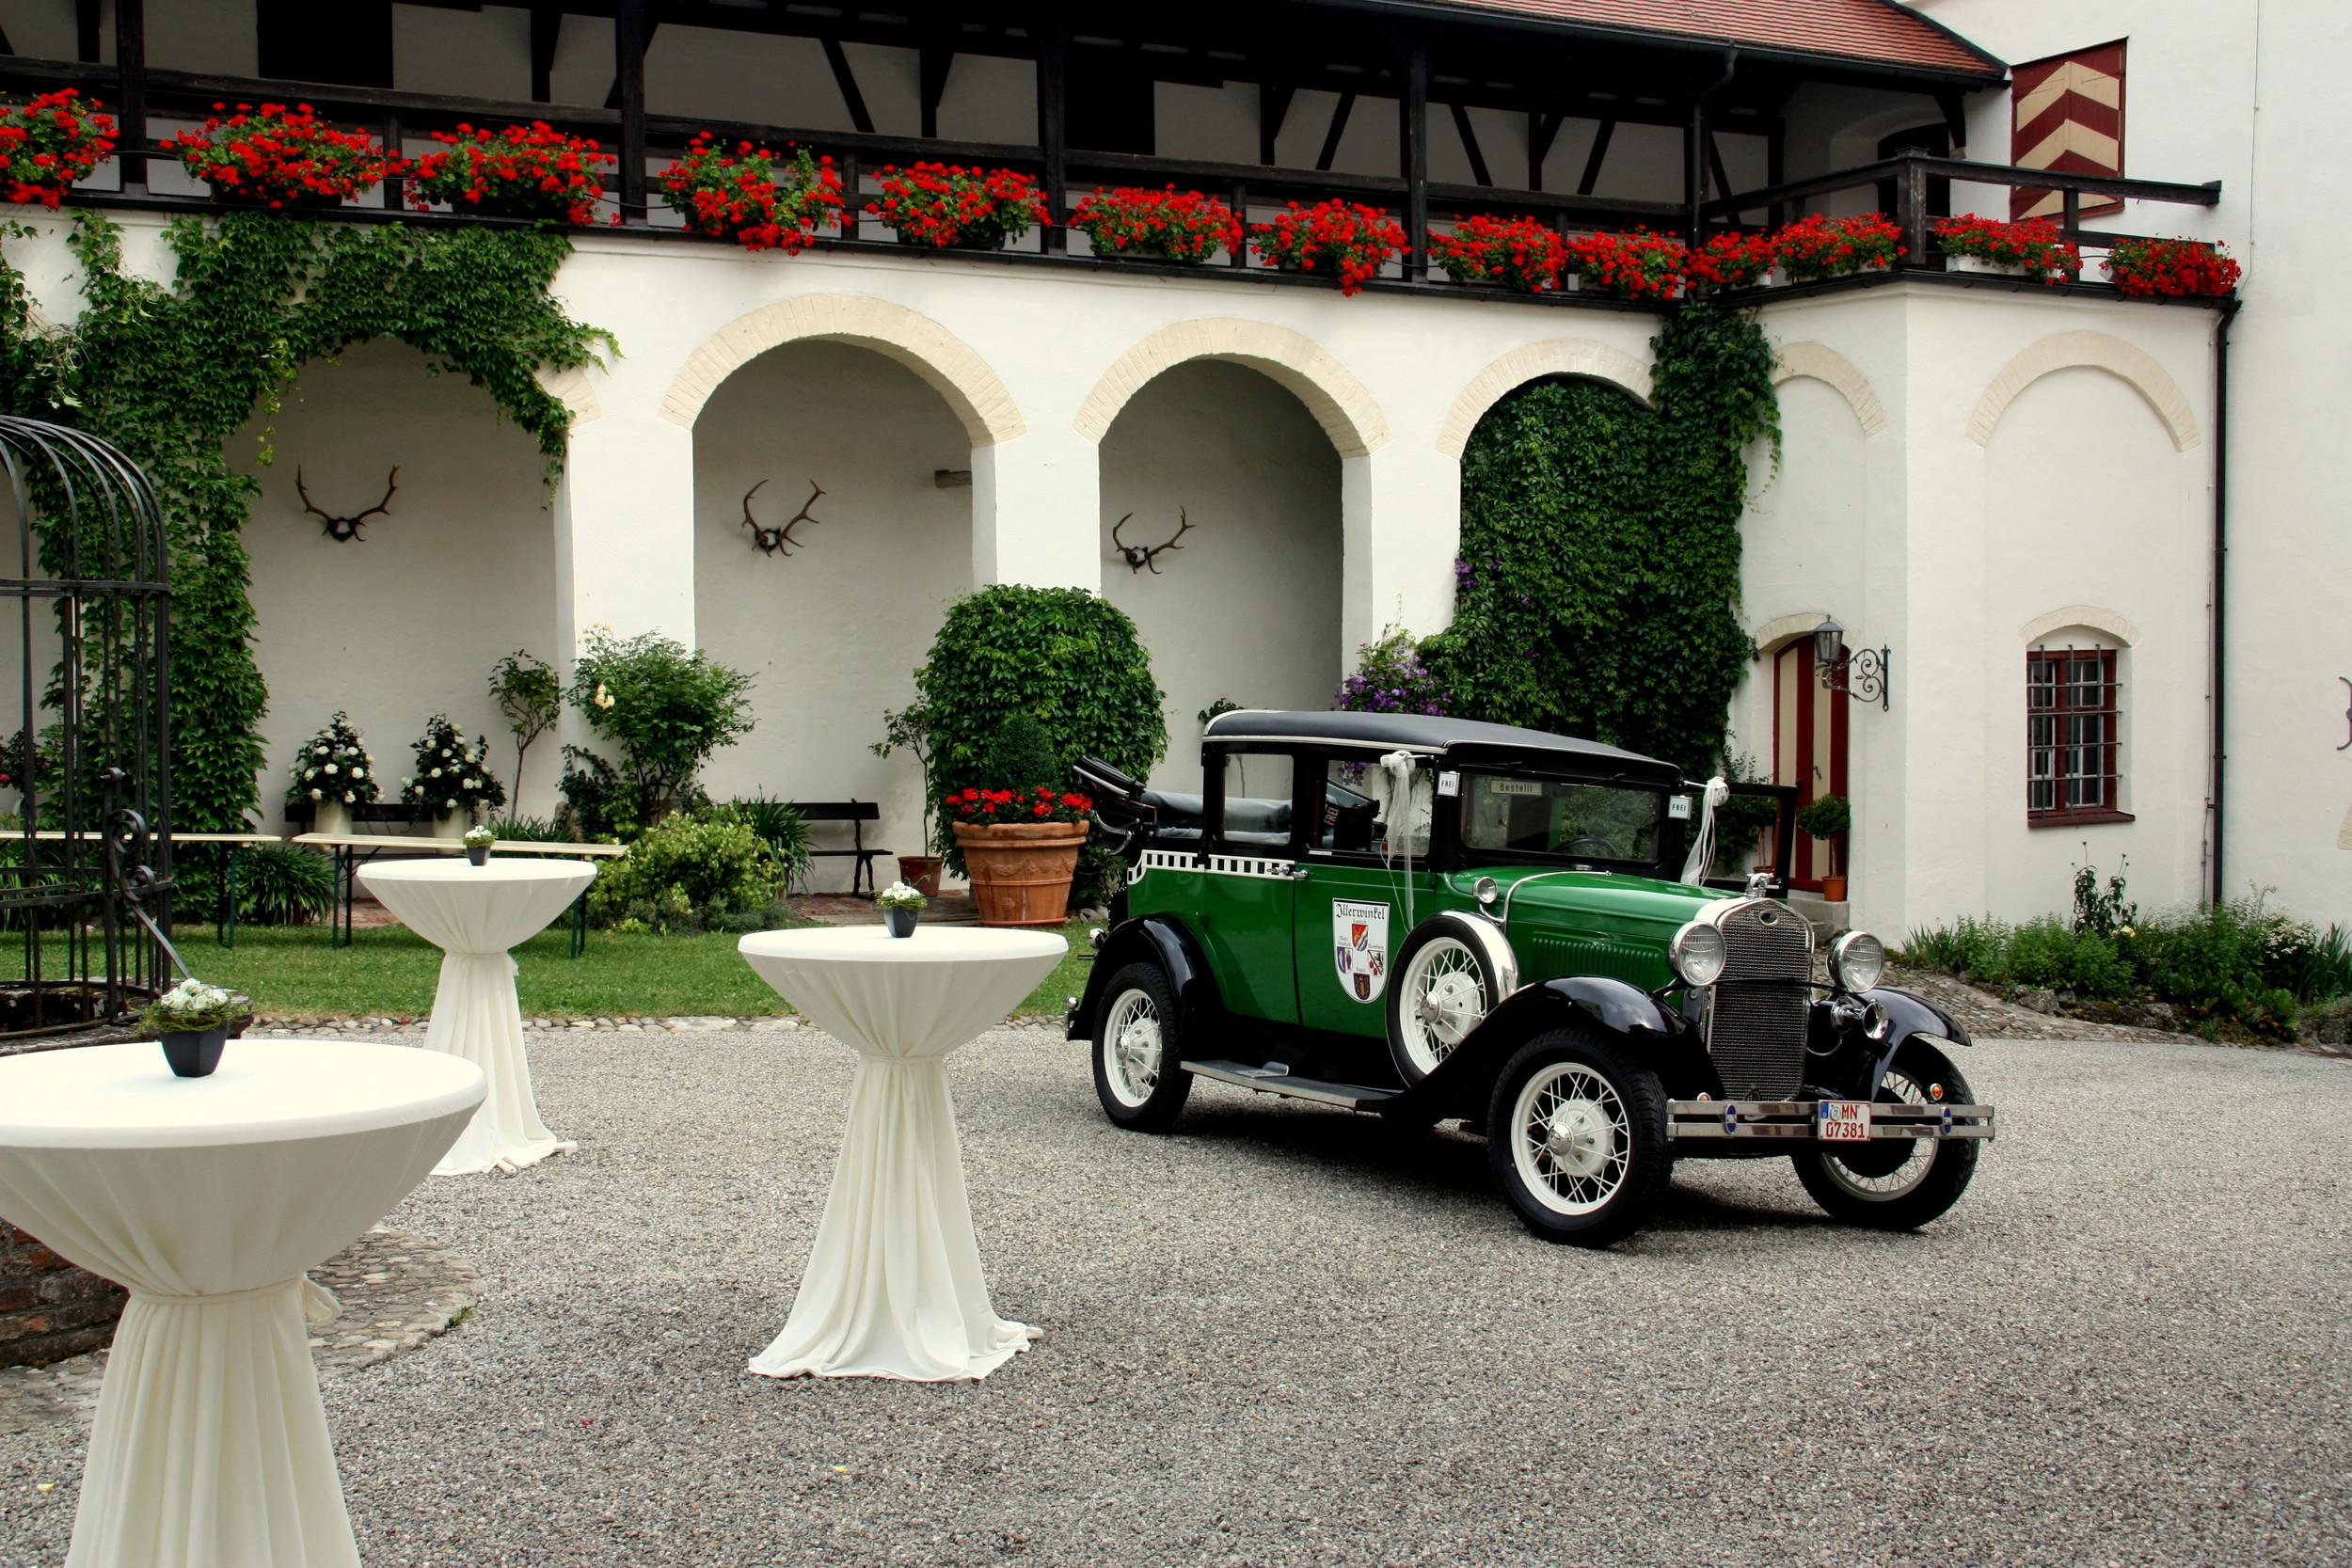 Stehemfang VA Hochzeit 17.07.10 (2).JPG